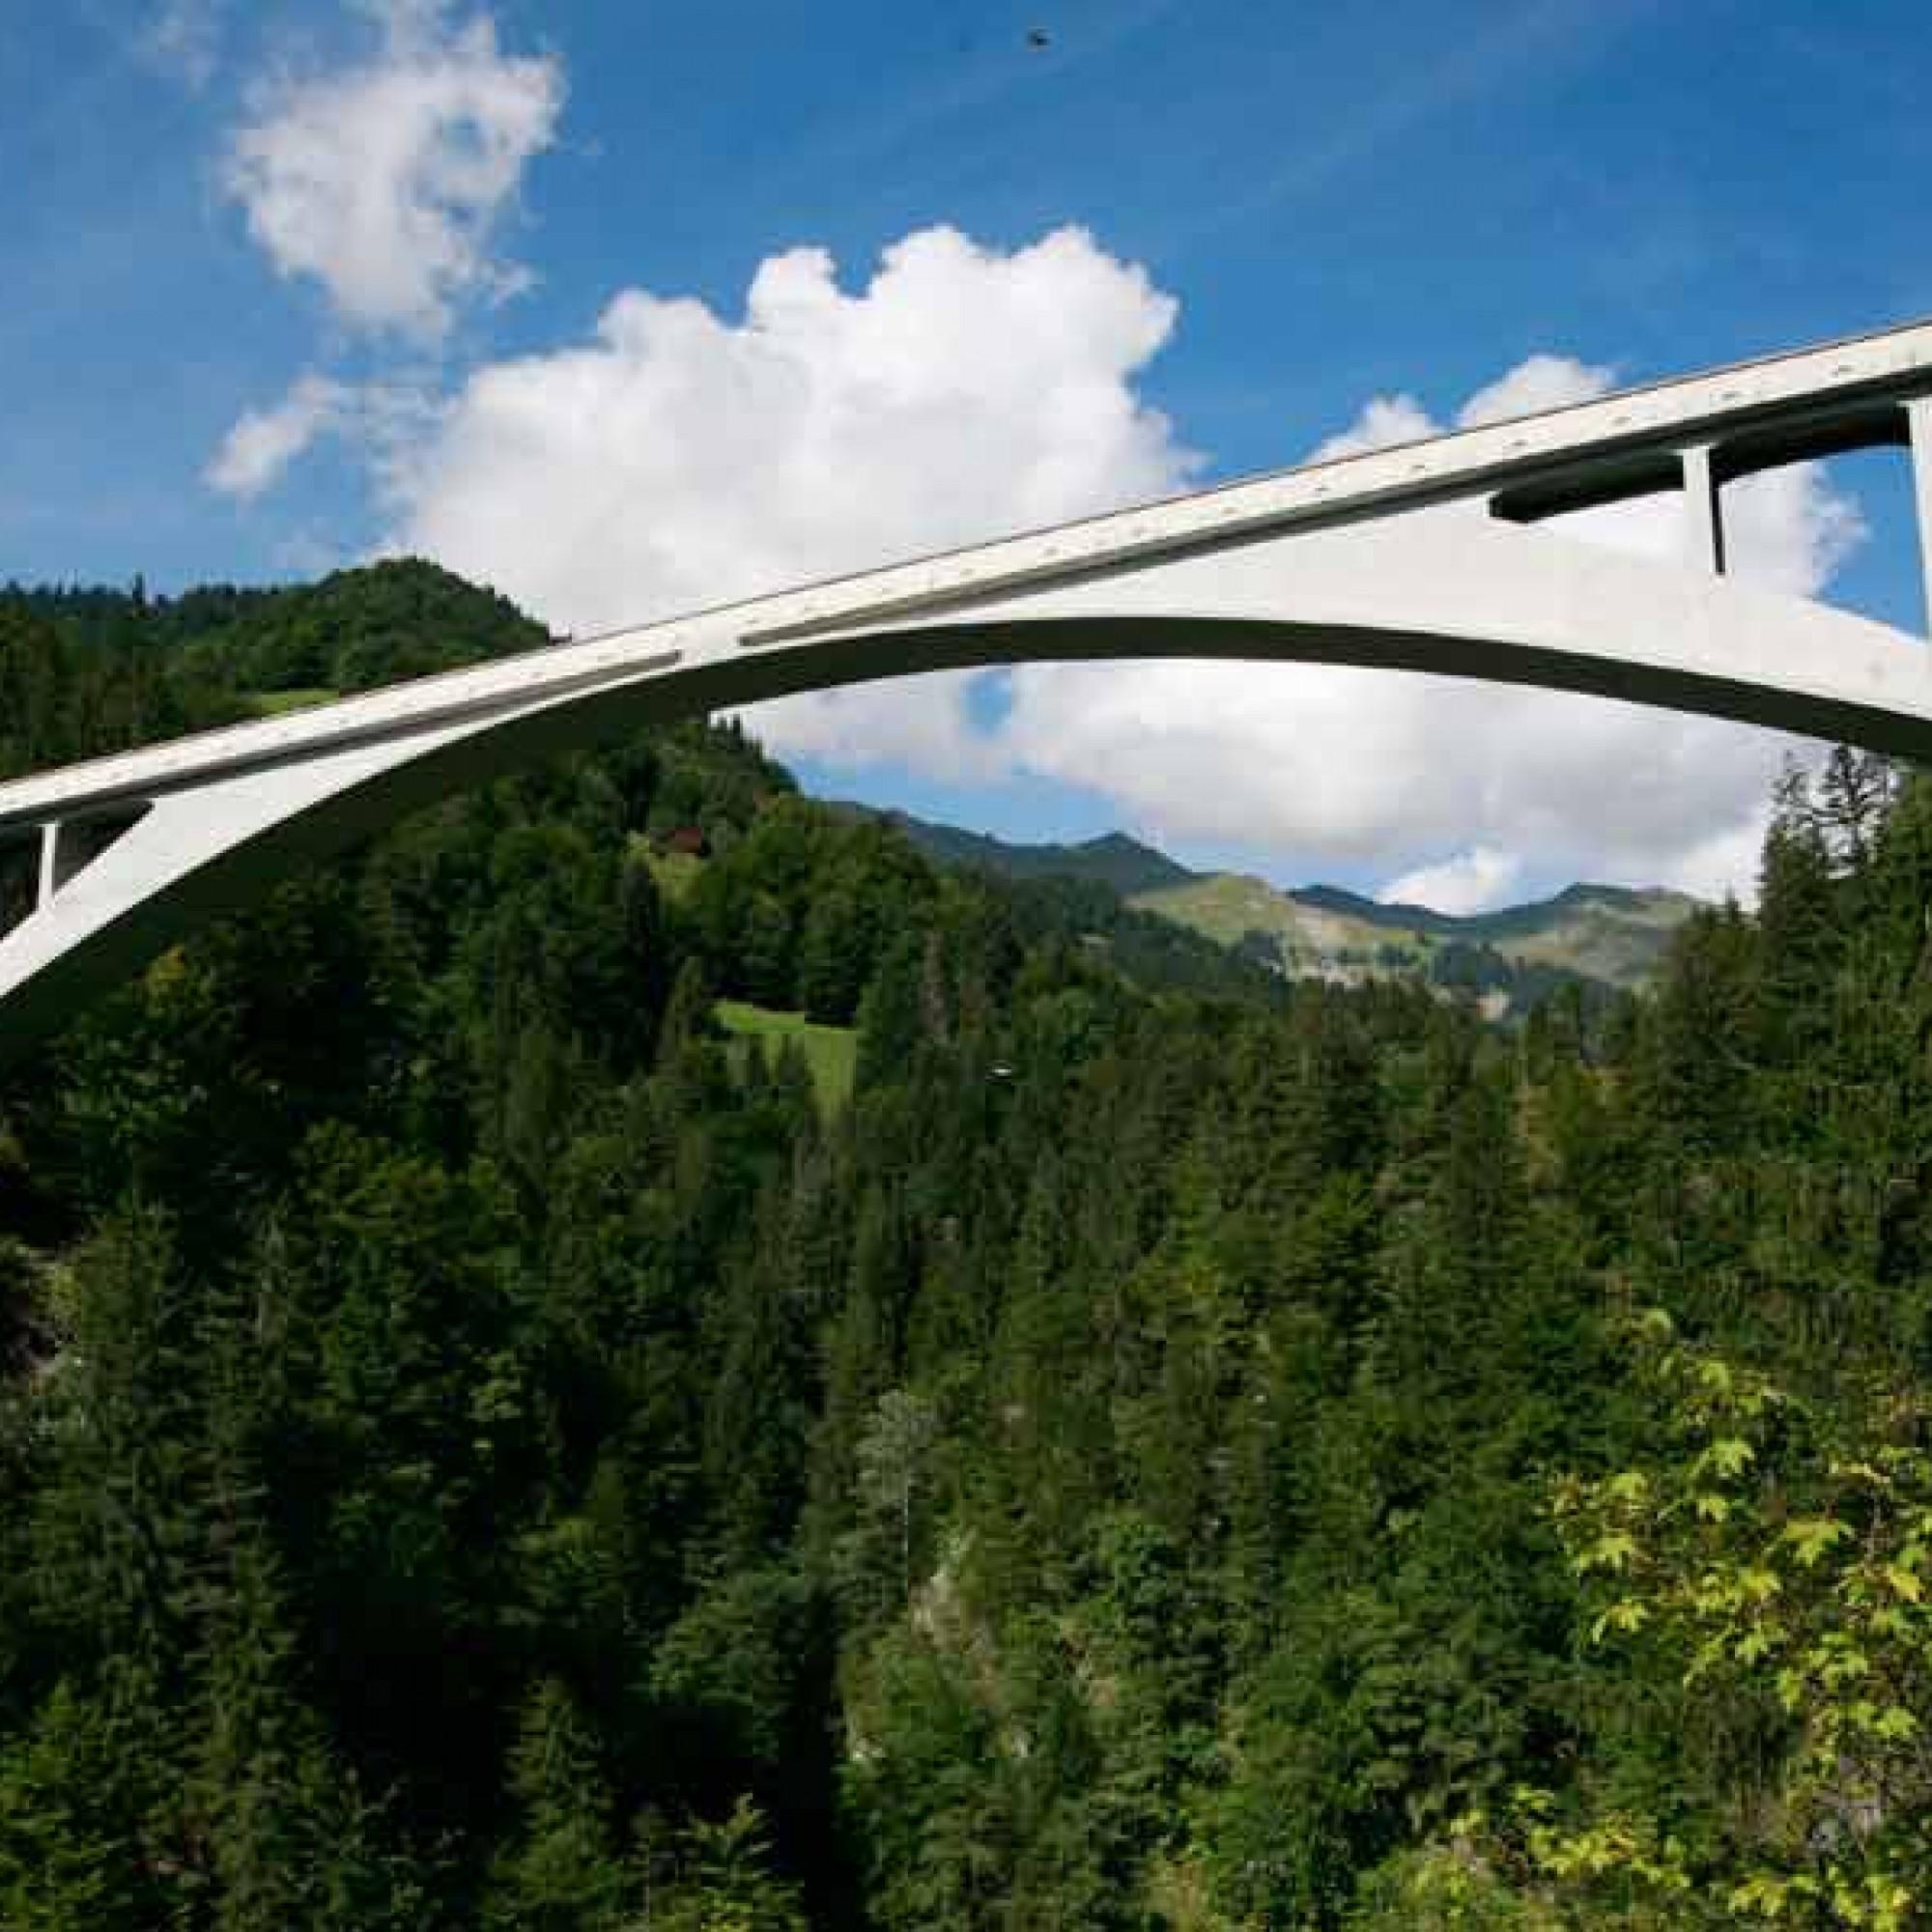 Die Salginatobelbrücke gilt als Meilenstein der Ingenieursbaukunst. (Rama, CC BY-SA 2.0, Wikimedia)